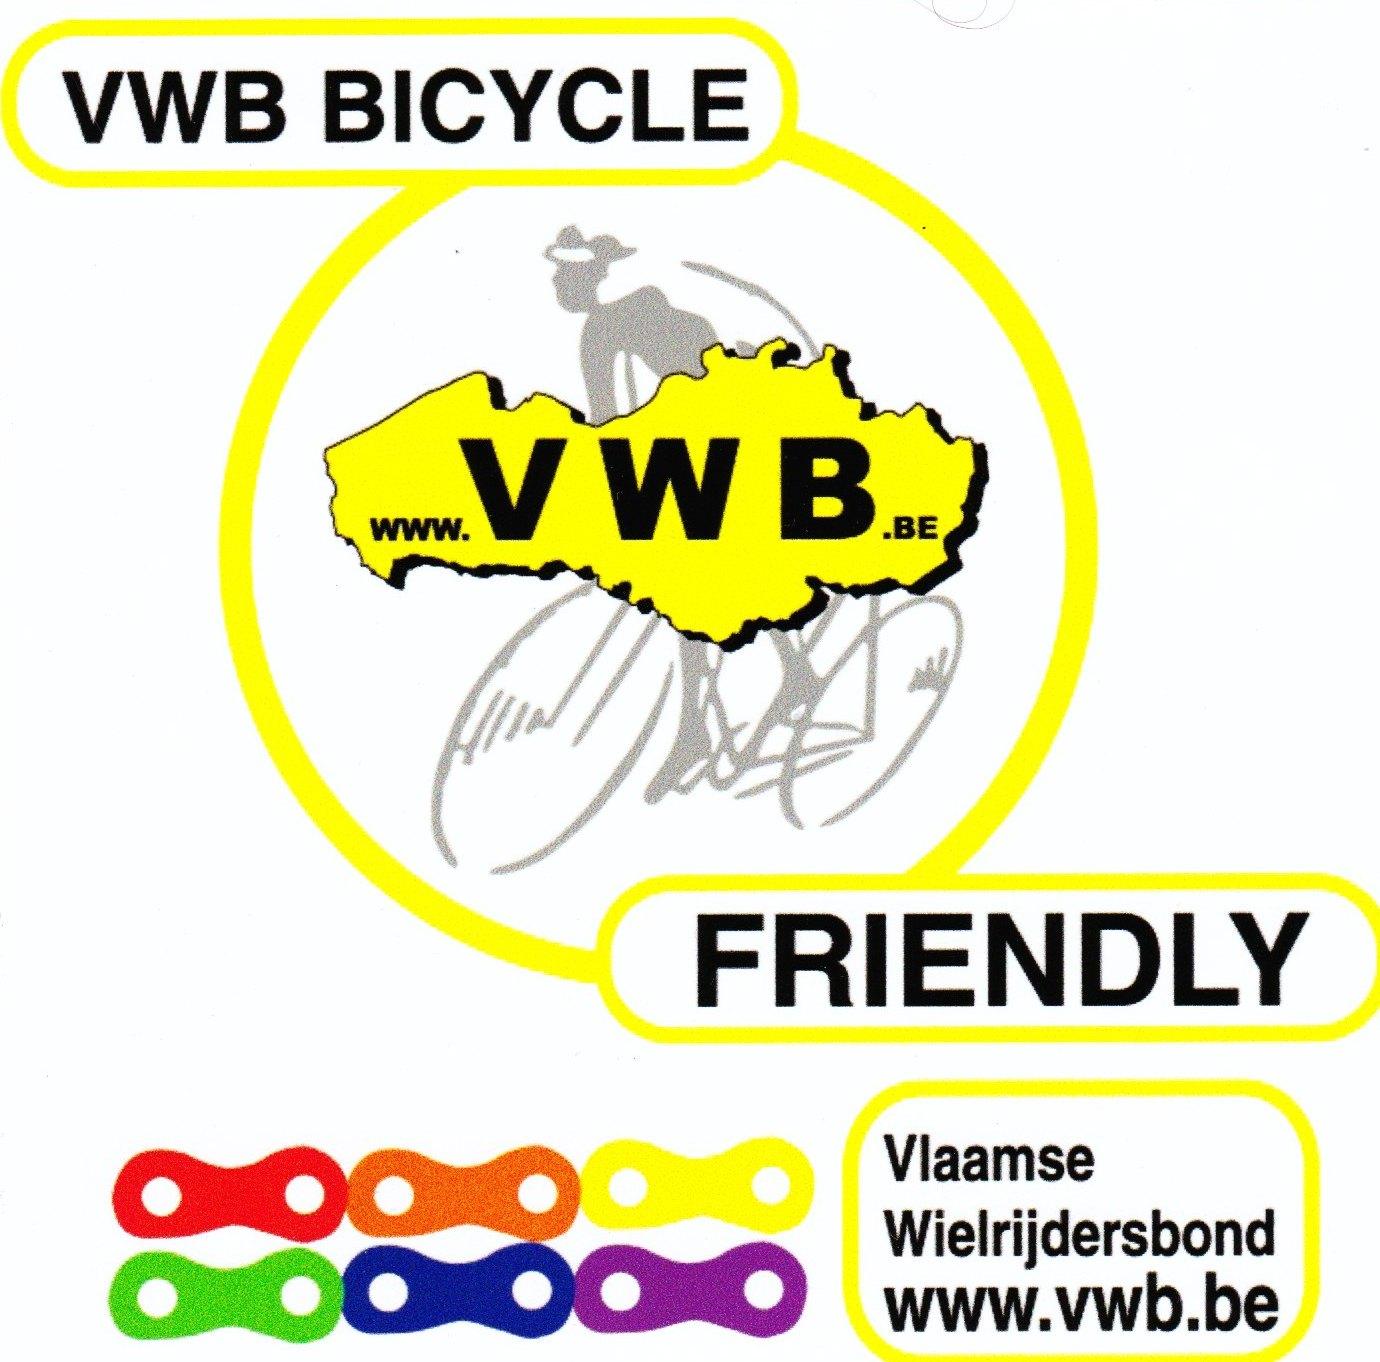 fietsvriendelijk